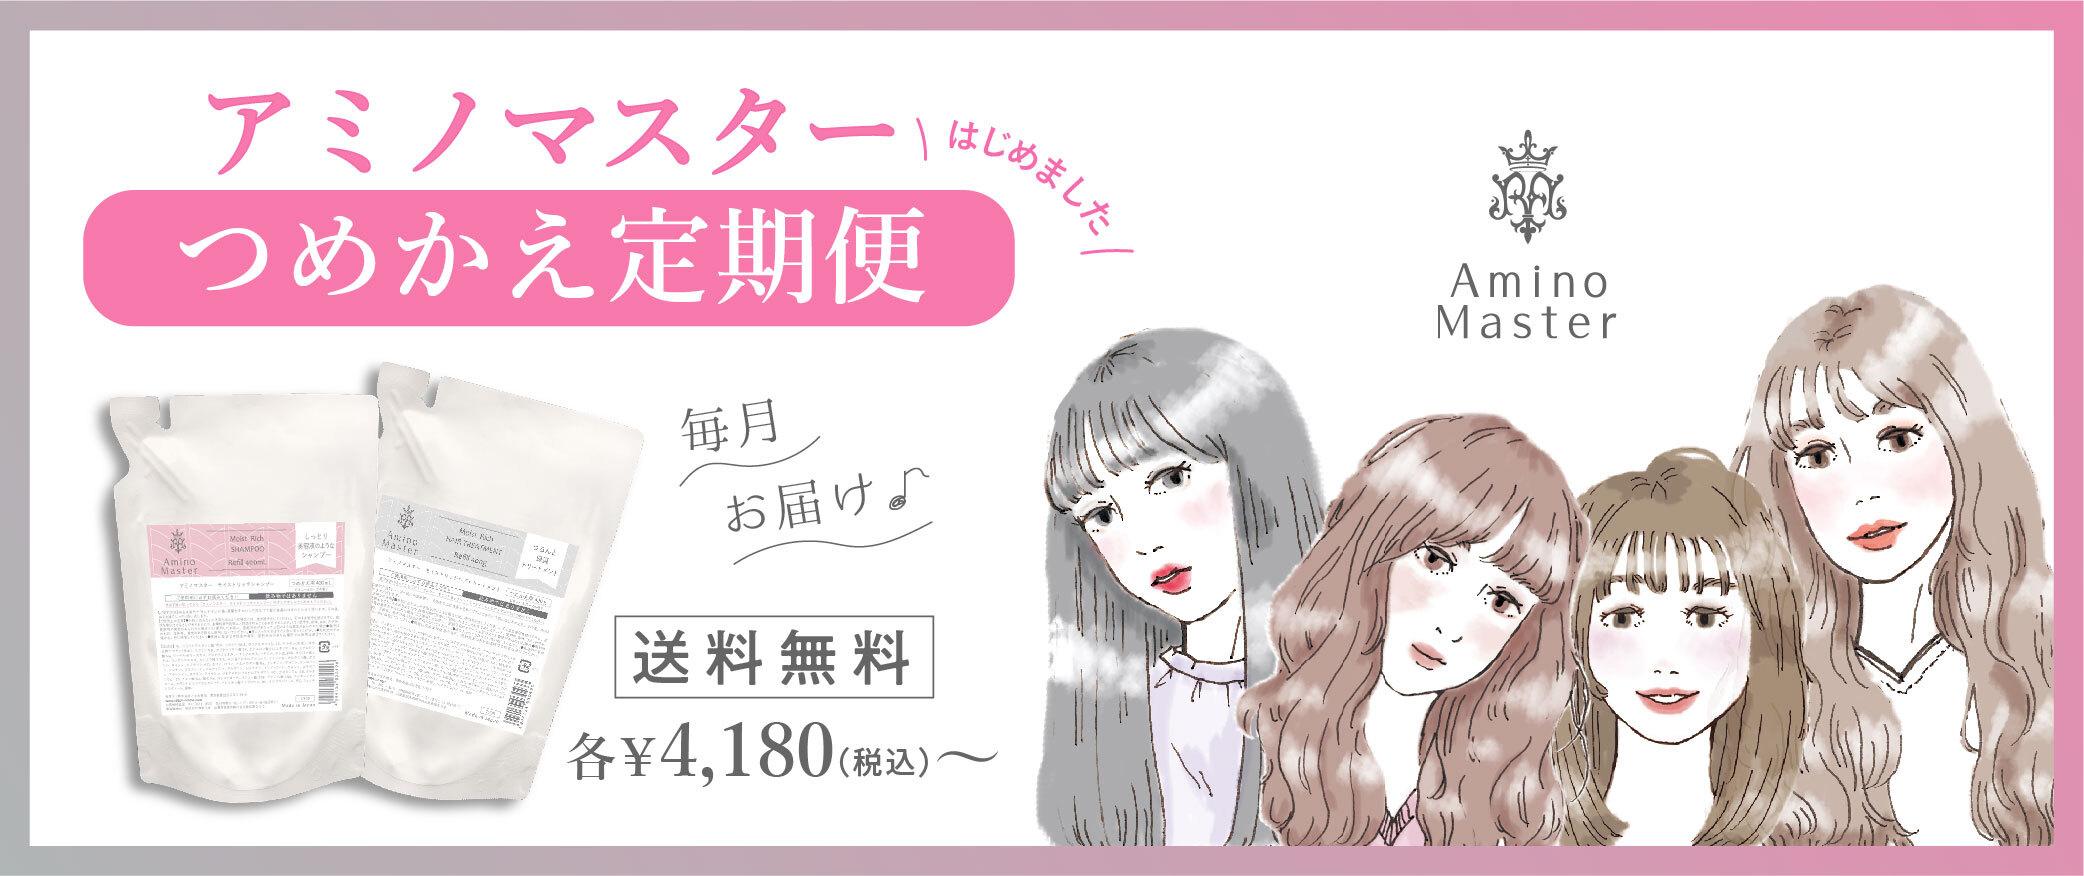 【送料無料】お得なつめかえ用定期便が登場!